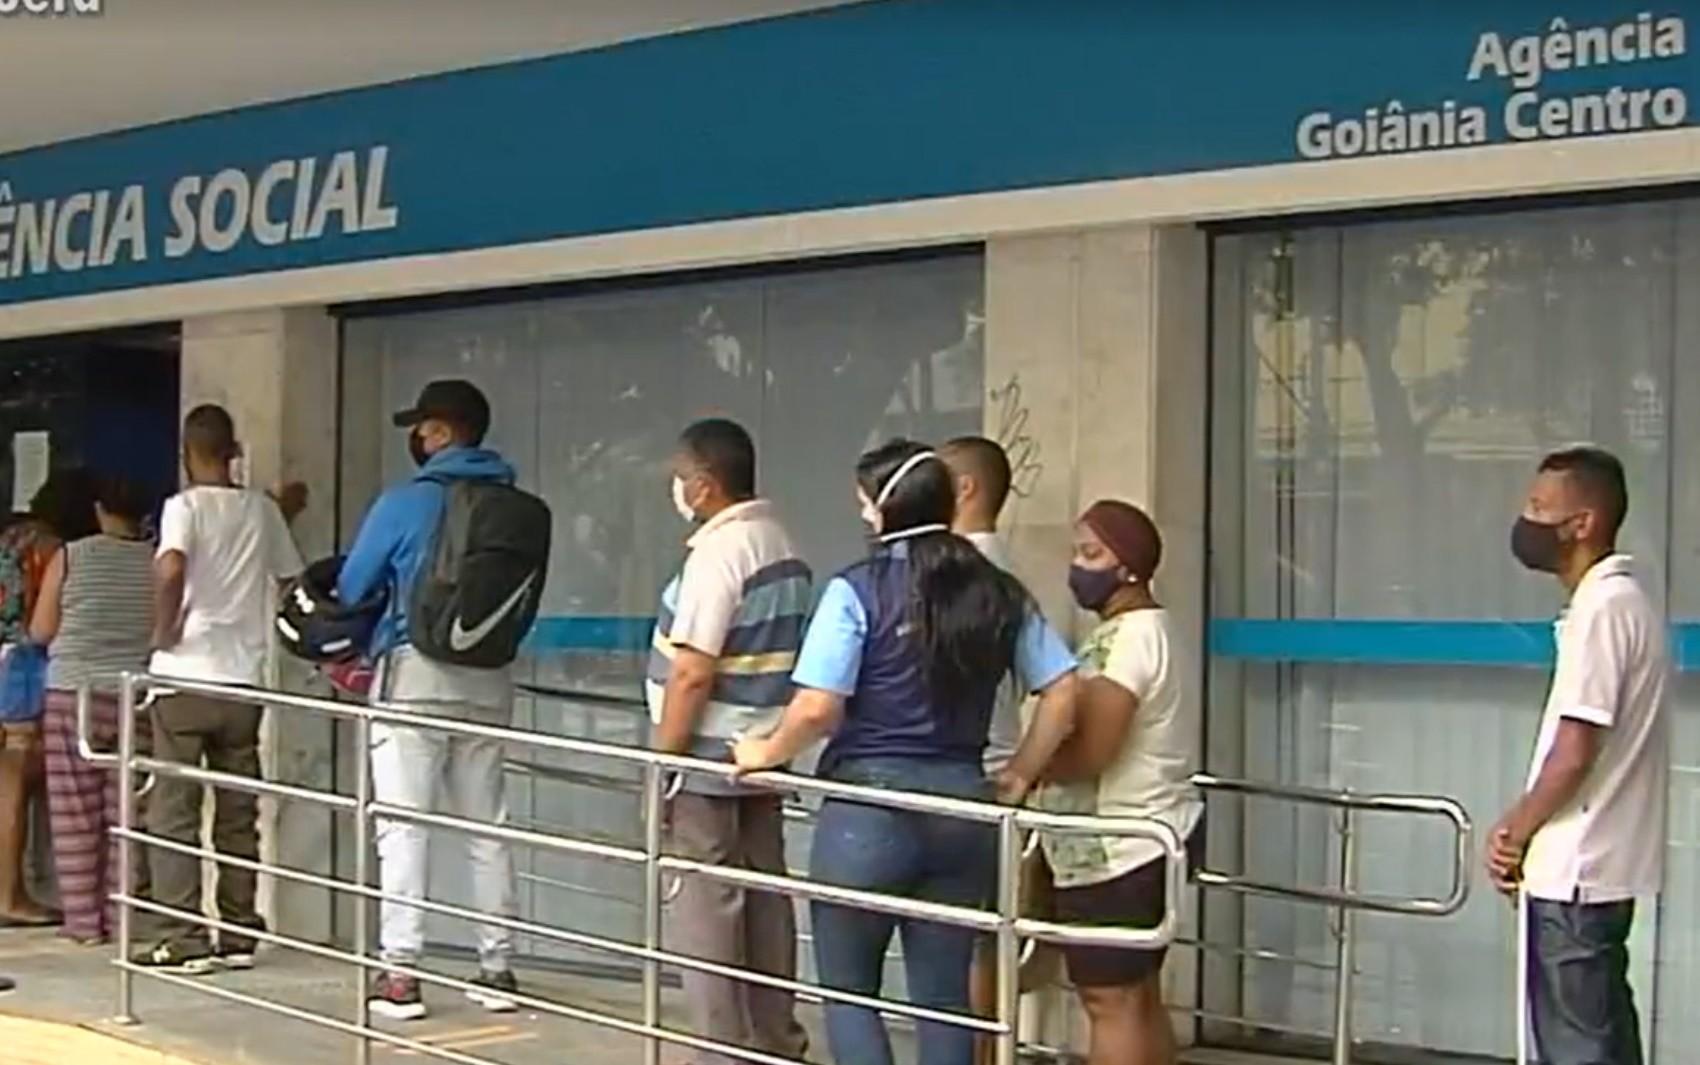 Beneficiários do INSS reclamam que não conseguem atendimento por falta de médicos peritos em agências de Goiás